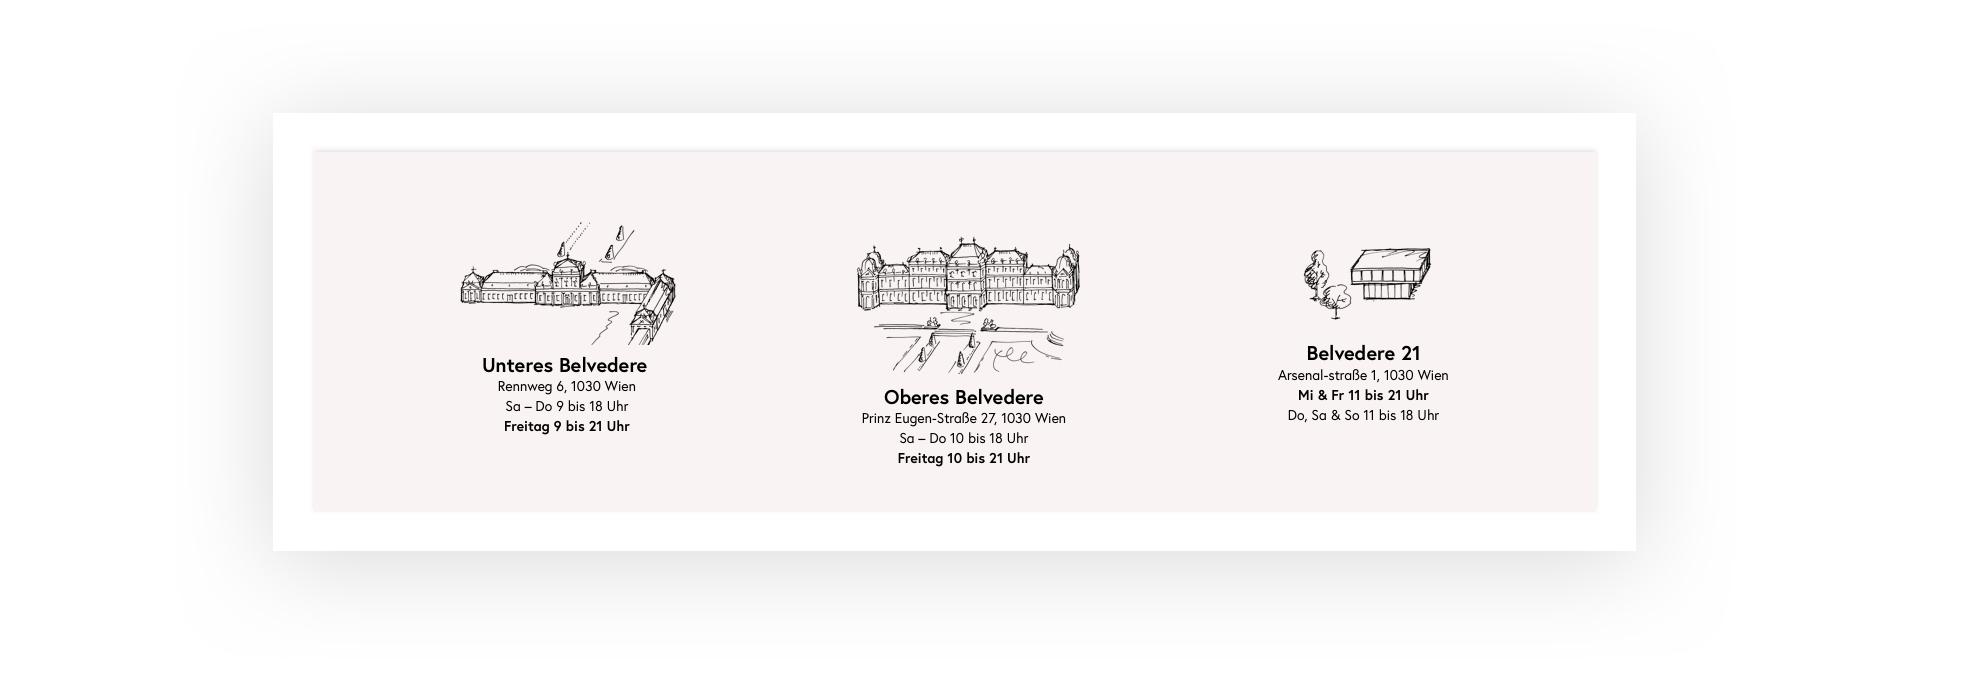 Eine Illustration der drei Häuser mit Adresse im Footer der Website.